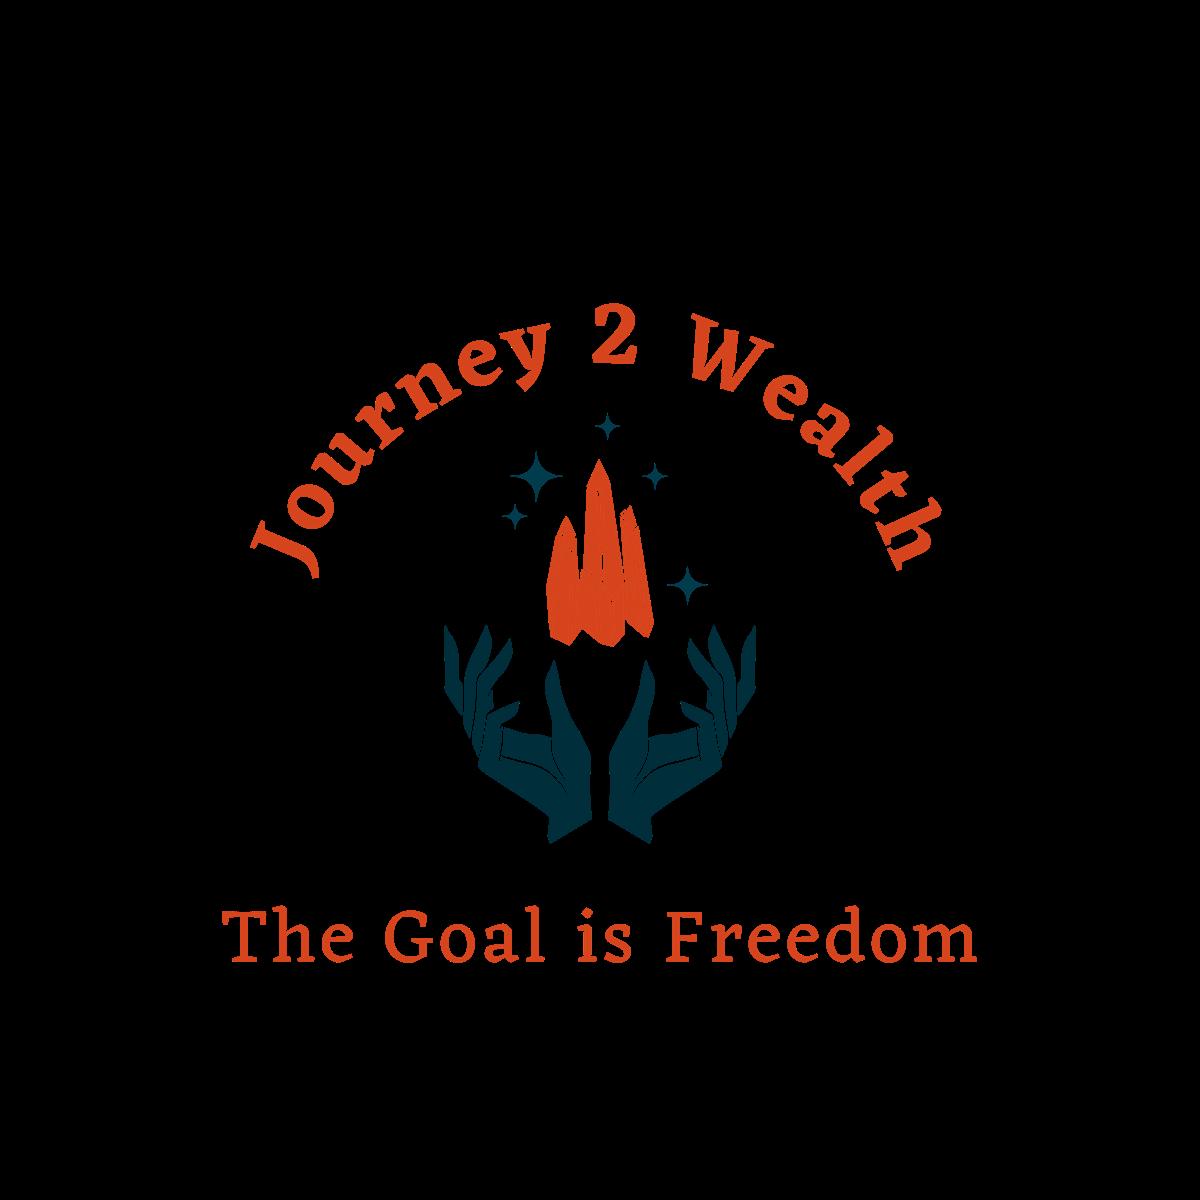 Journey2wealth website